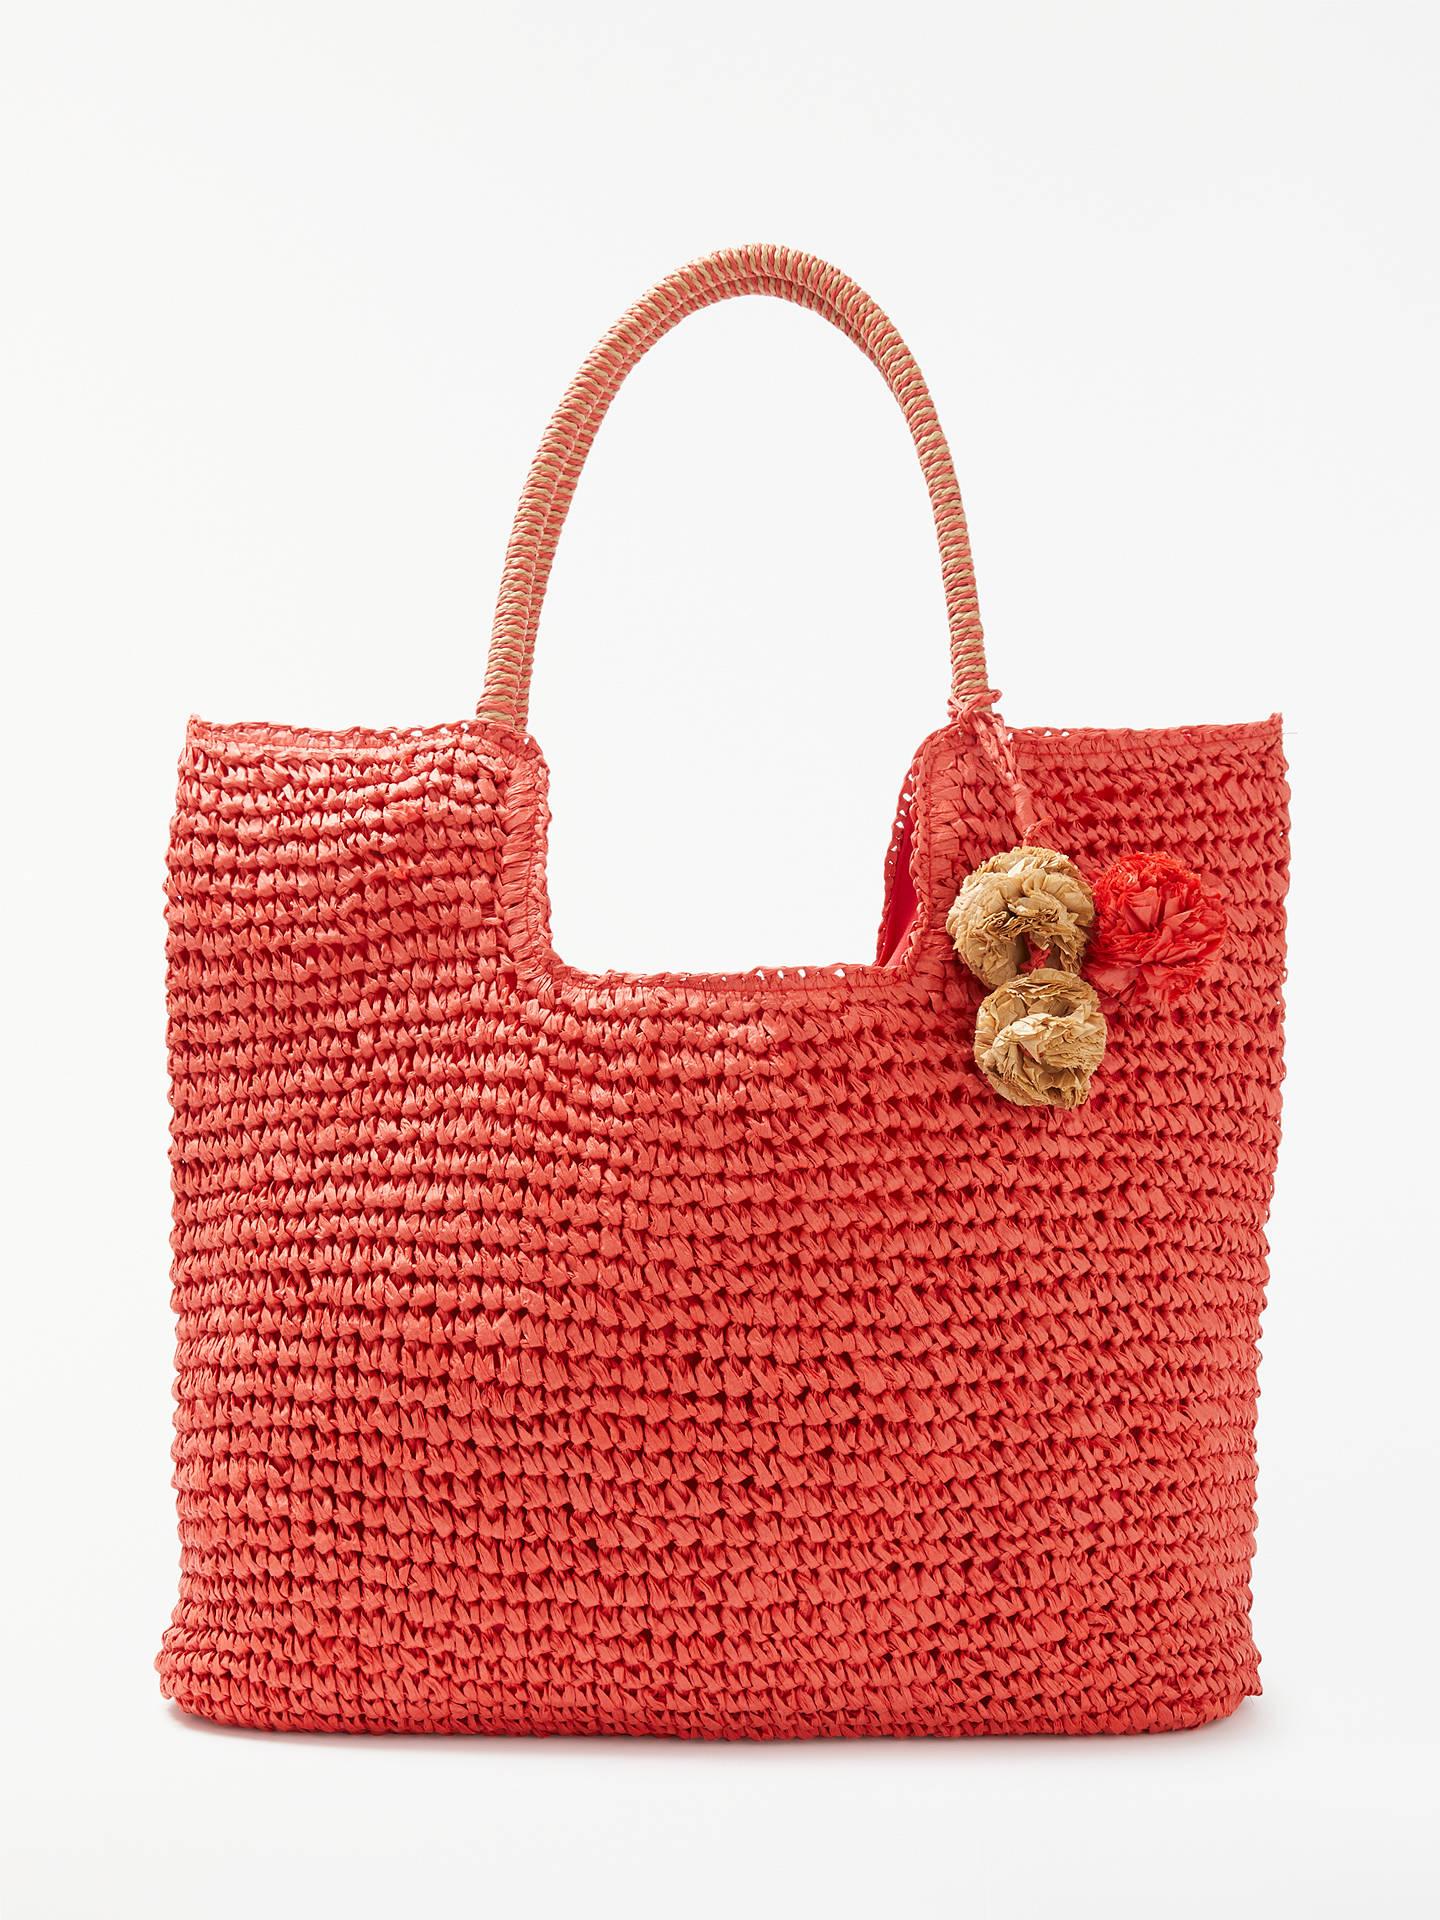 adc2c4b3a298 John Lewis & Partners Straw Pom Pom Shoulder Bag at John Lewis ...